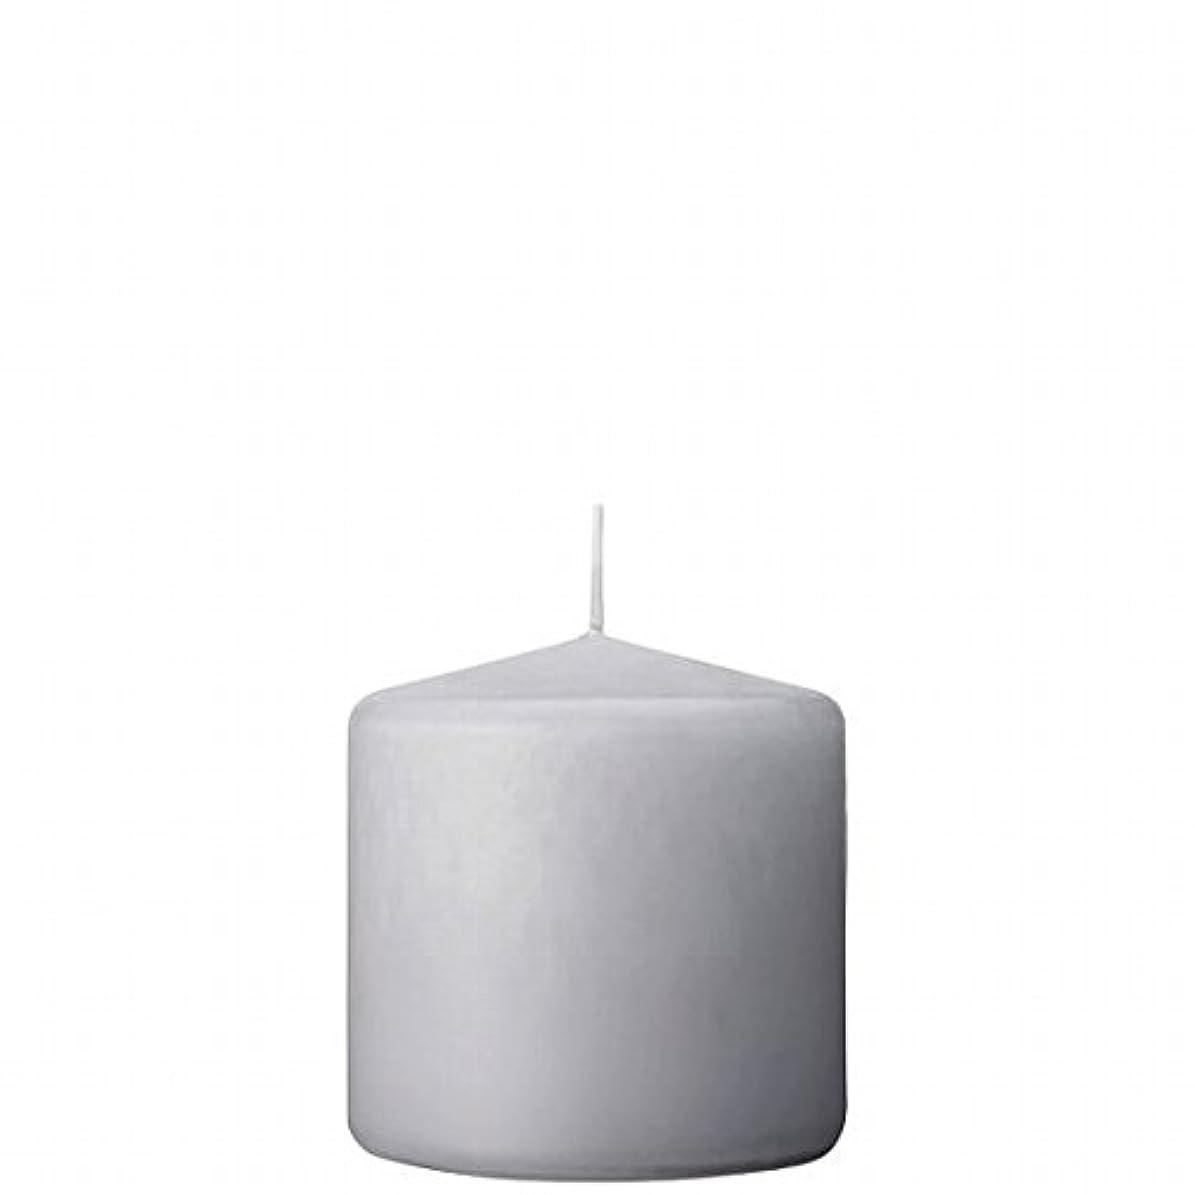 作詞家佐賀文化カメヤマキャンドル(kameyama candle) 3×3ベルトップピラーキャンドル 「 ライトグレー 」